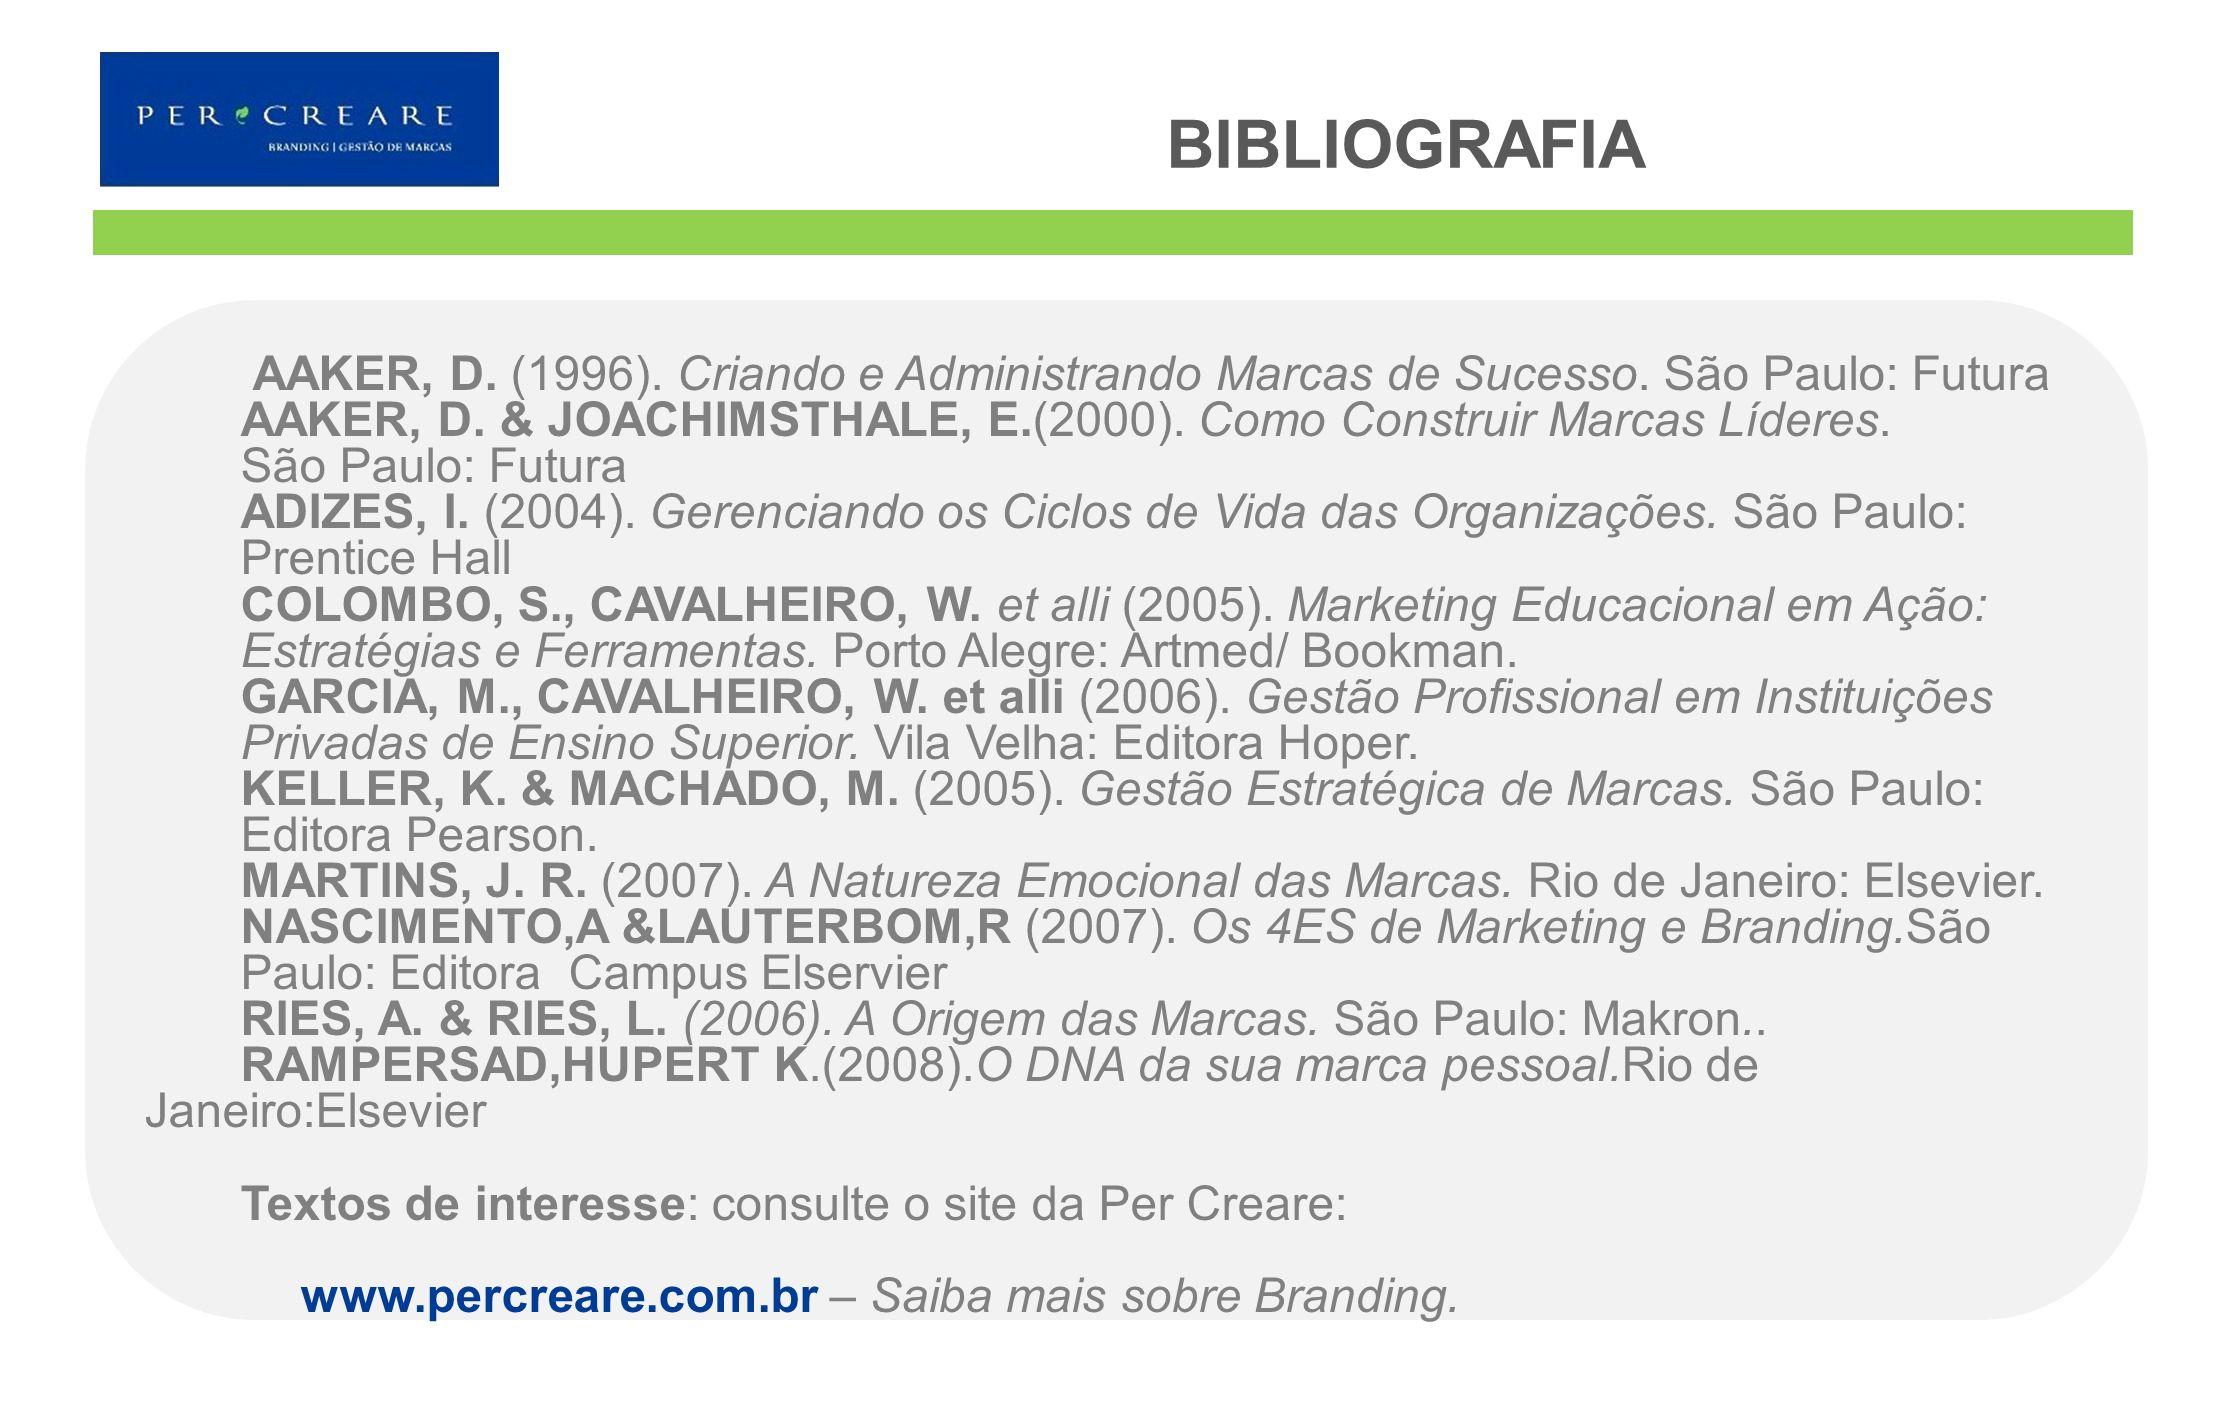 BIBLIOGRAFIA AAKER, D. (1996). Criando e Administrando Marcas de Sucesso. São Paulo: Futura AAKER, D. & JOACHIMSTHALE, E.(2000). Como Construir Marcas